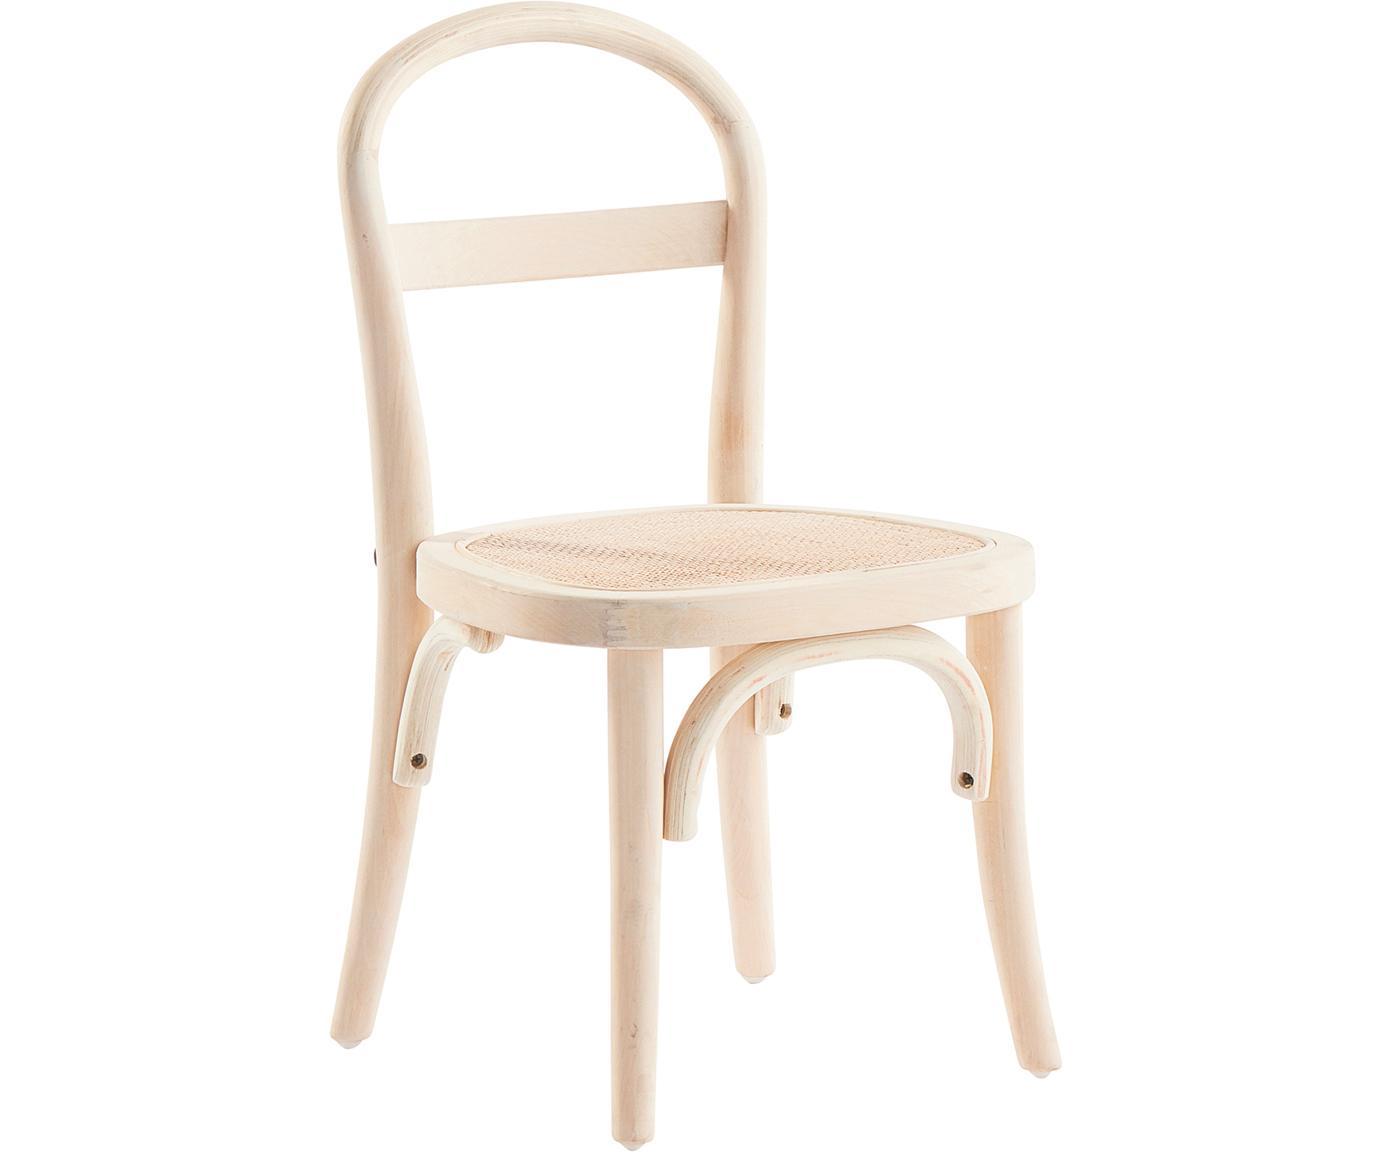 Sedia per bambini Rippats, 2 pz., Legno di betulla, rattan, Legno di betulla, rattan, Larg. 33 x Prof. 35 cm